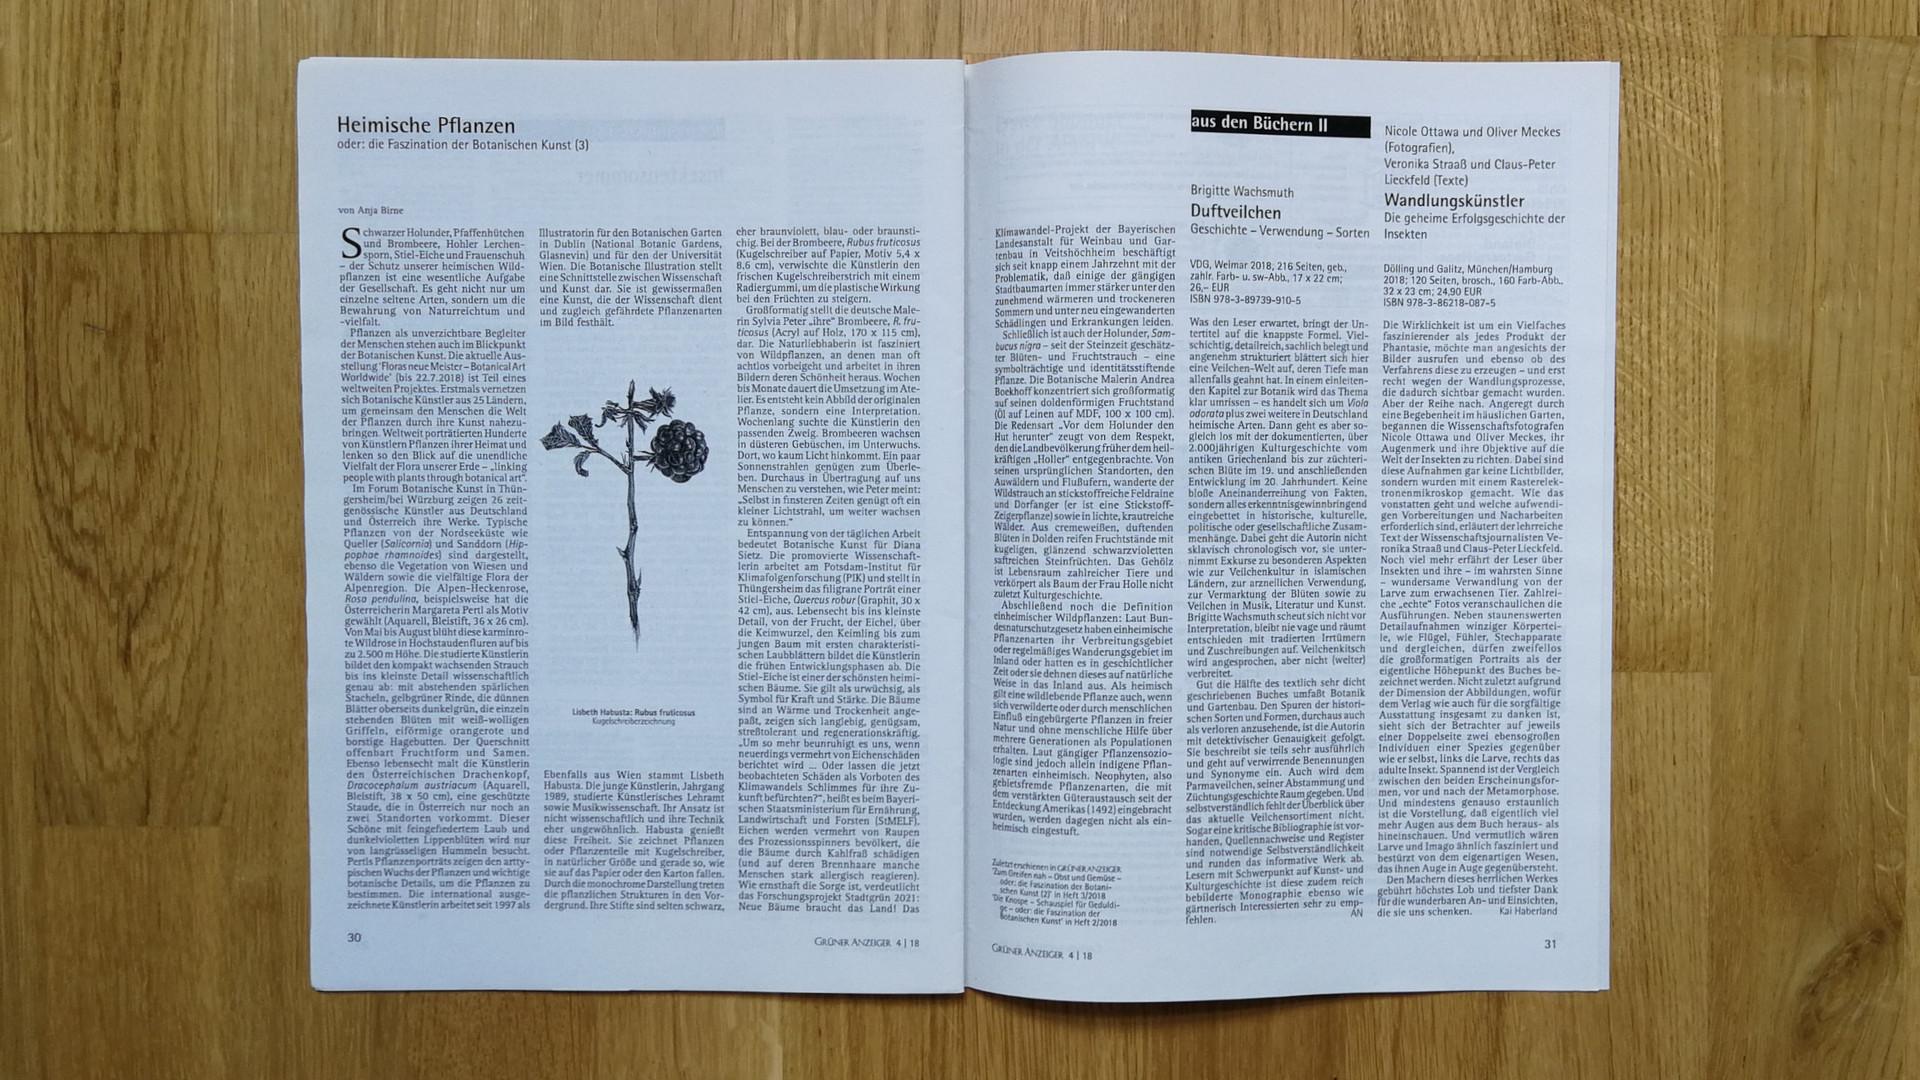 Grüner Anzeiger 07/08 2018, Artikel